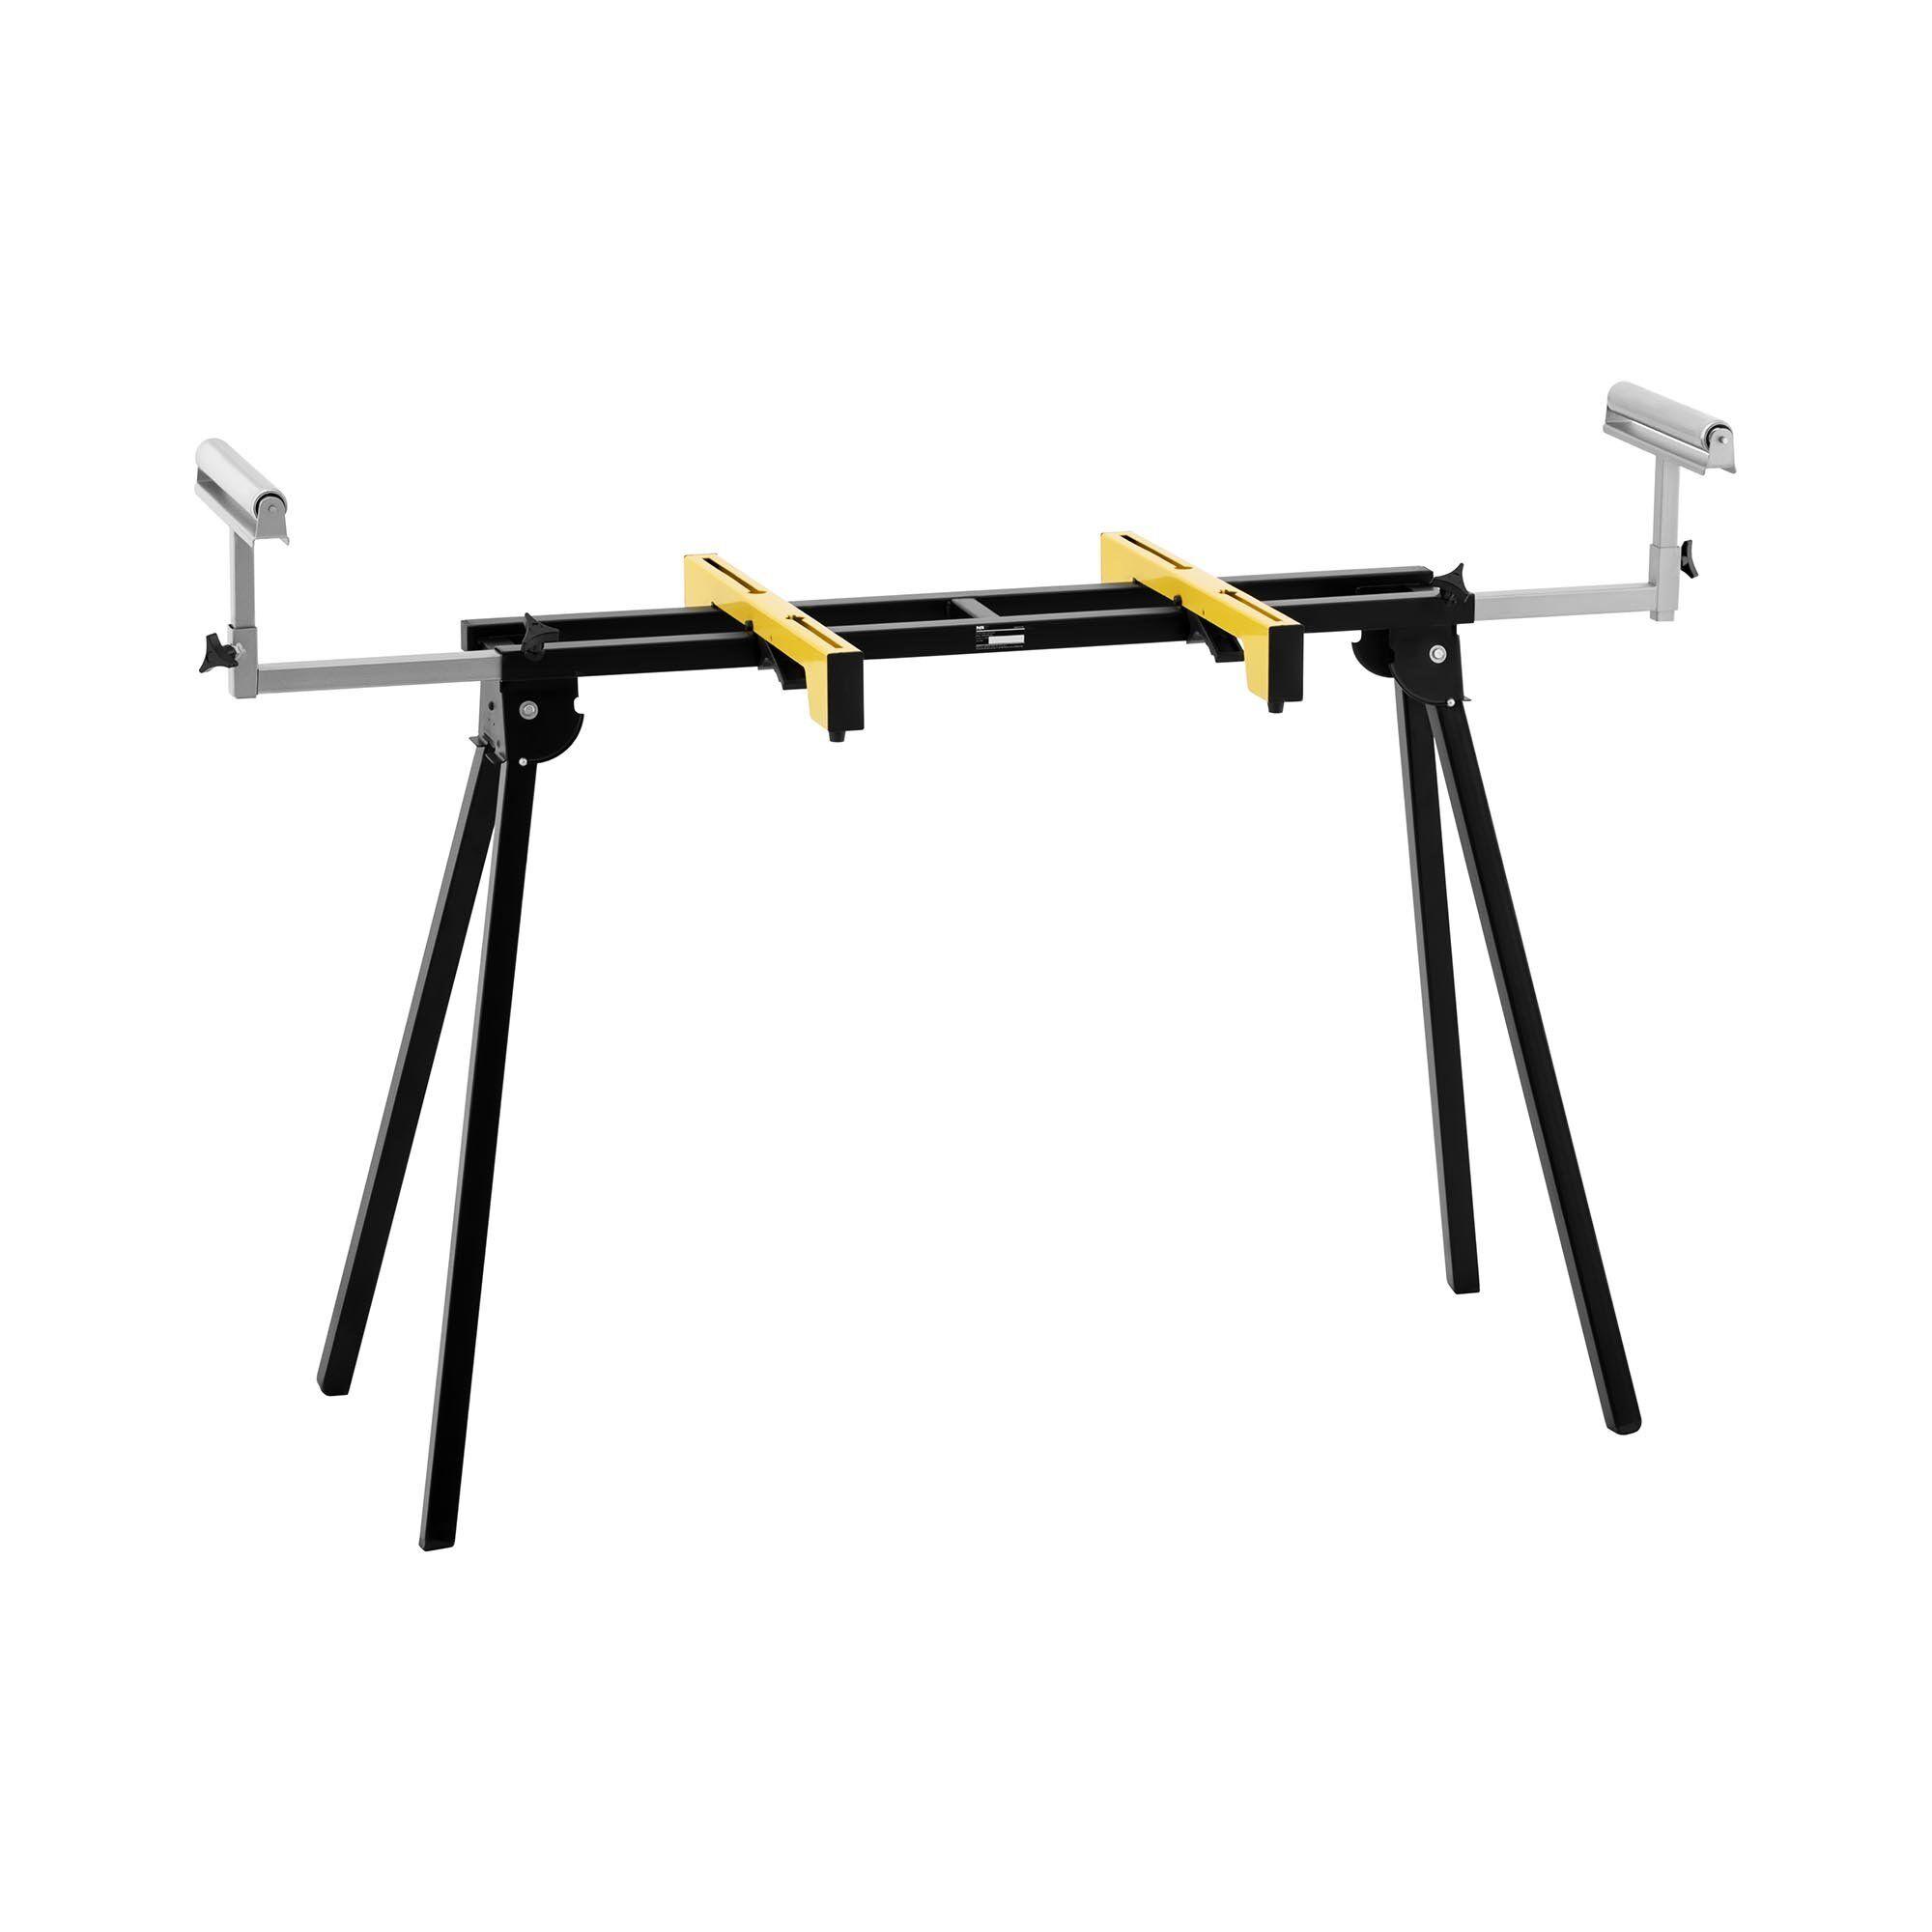 msw banco per troncatrice in metallo - da 102 fino a 188 cm - 200 kg - pieghevole e regolabile in altezza -ssm-200